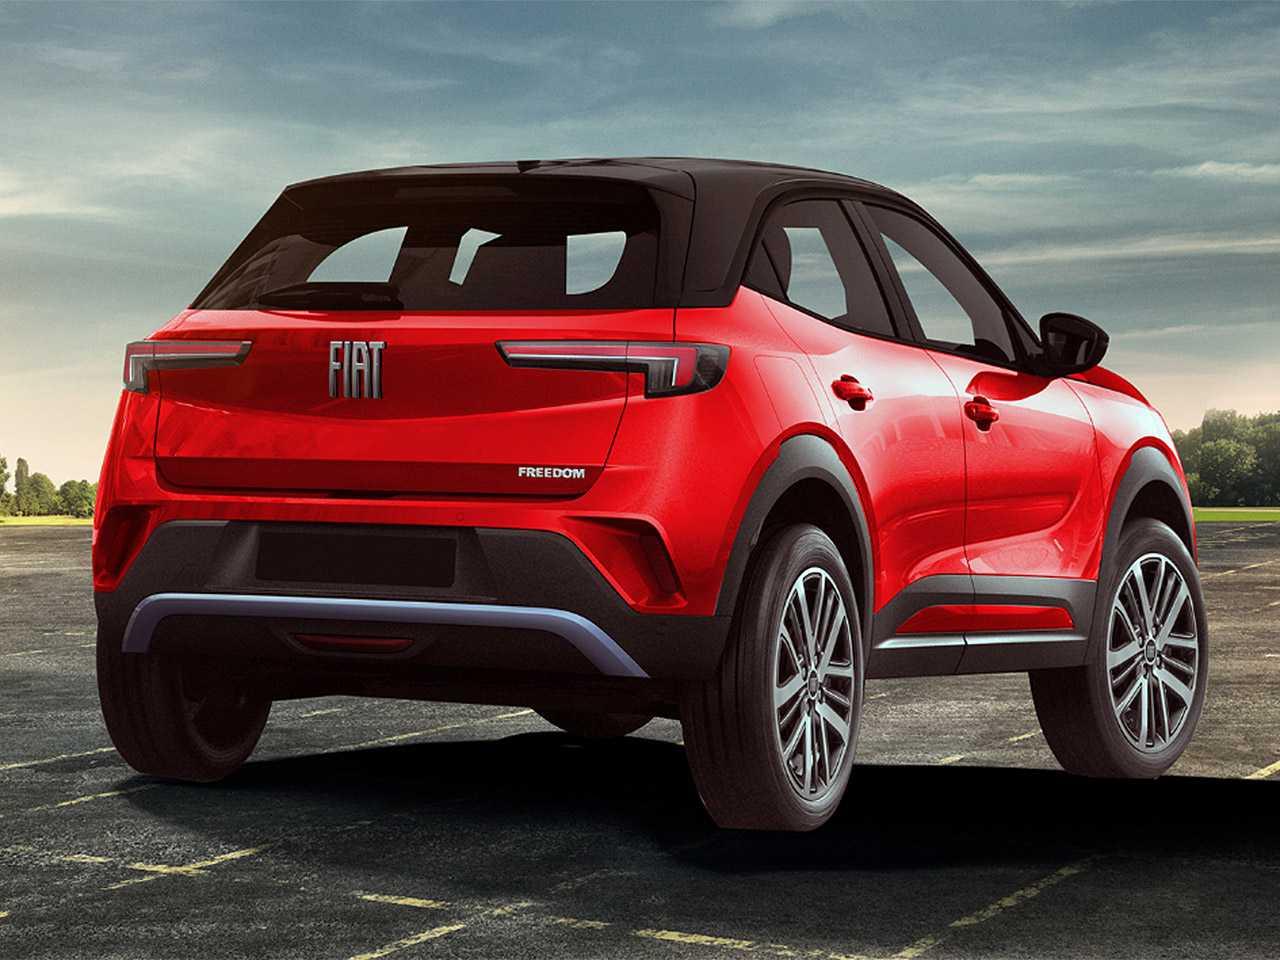 Projeção de Kleber Silva para o futuro SUV compacto nacional da Fiat